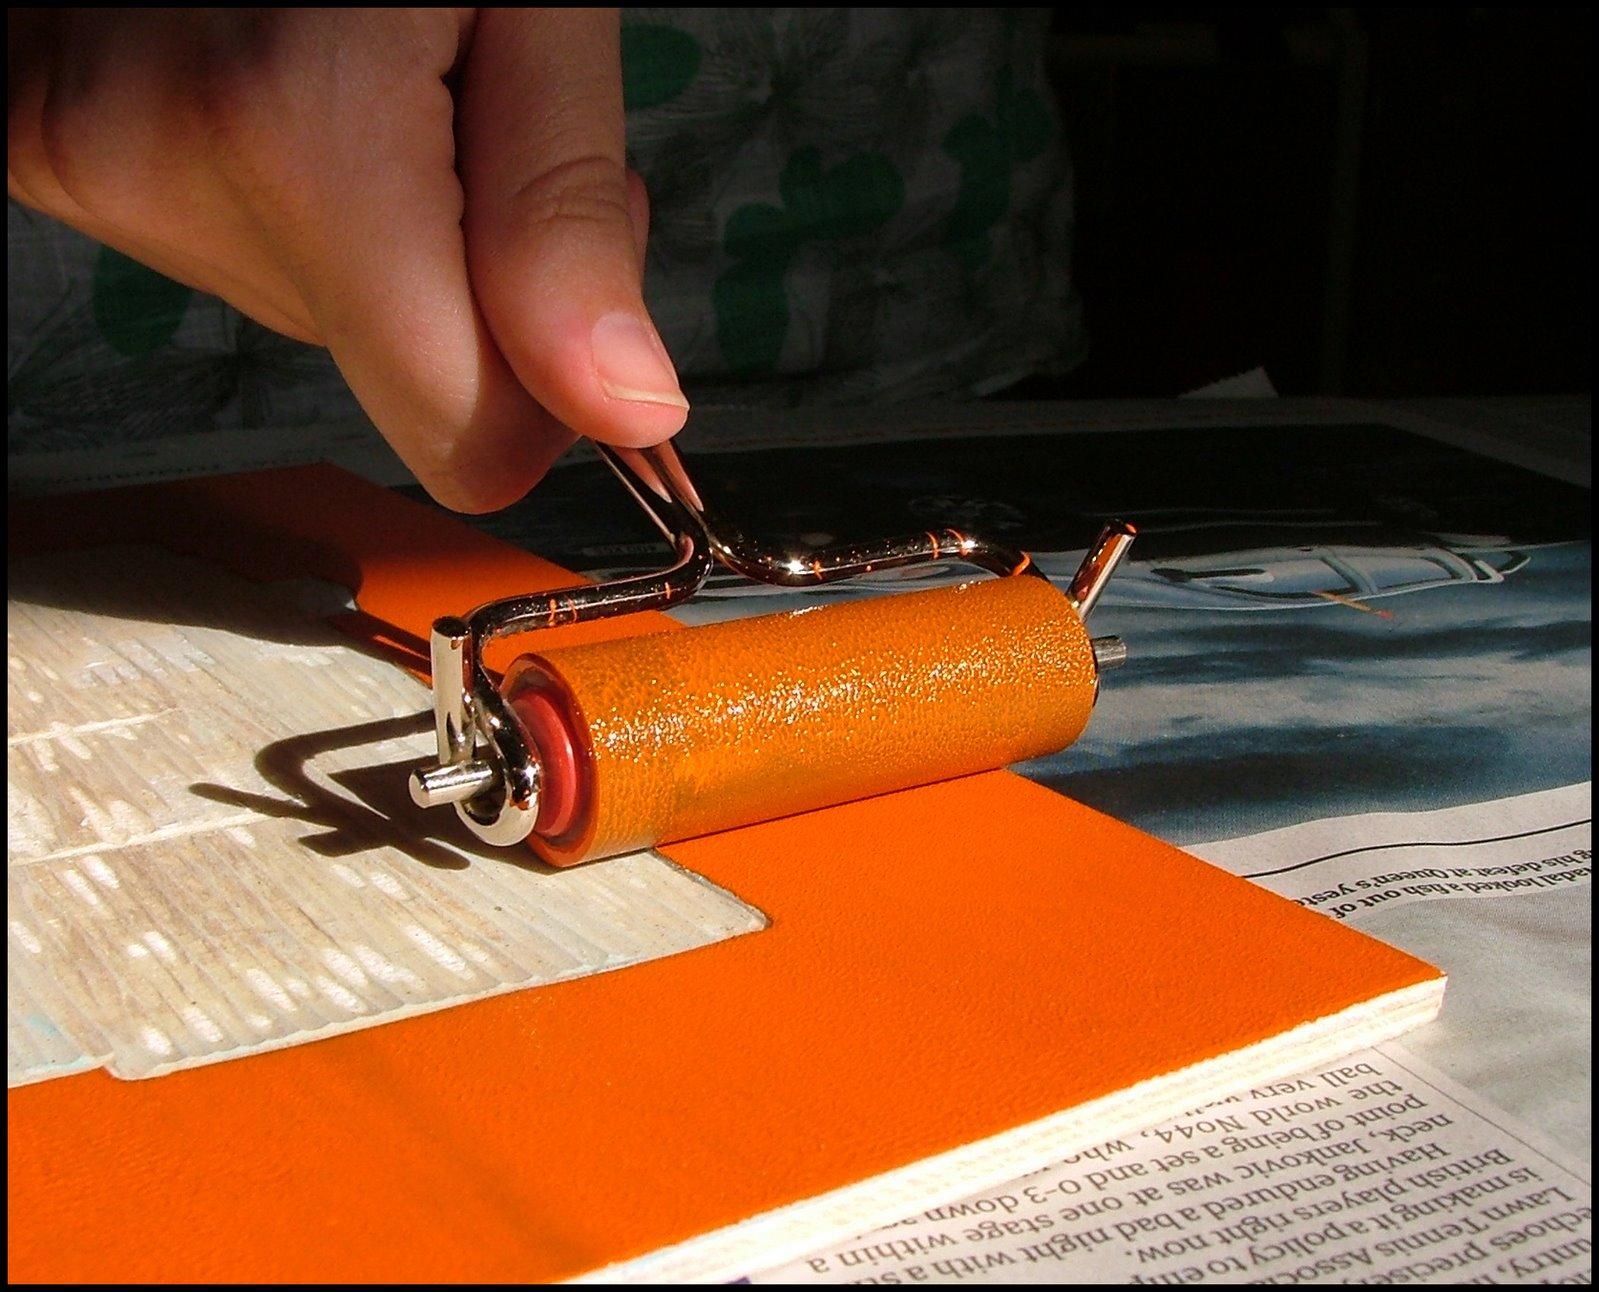 [Inking+for+Flickr.jpg]